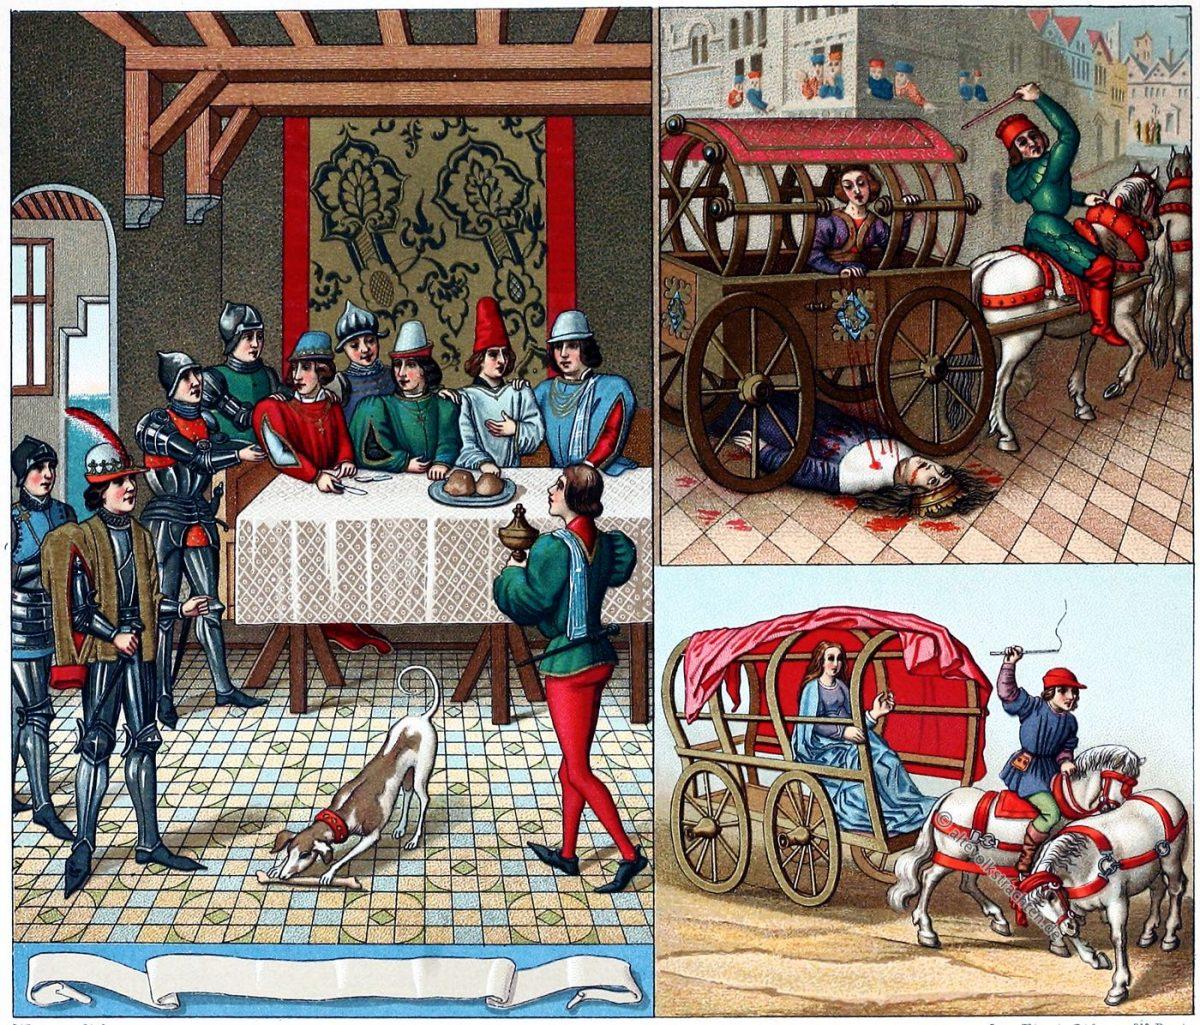 Mittelalter, Kleidung, Einrichtung, Schloß, Saal, Kutschen, Fuhrwesen, Trachten, Mode, Sitten, Adel